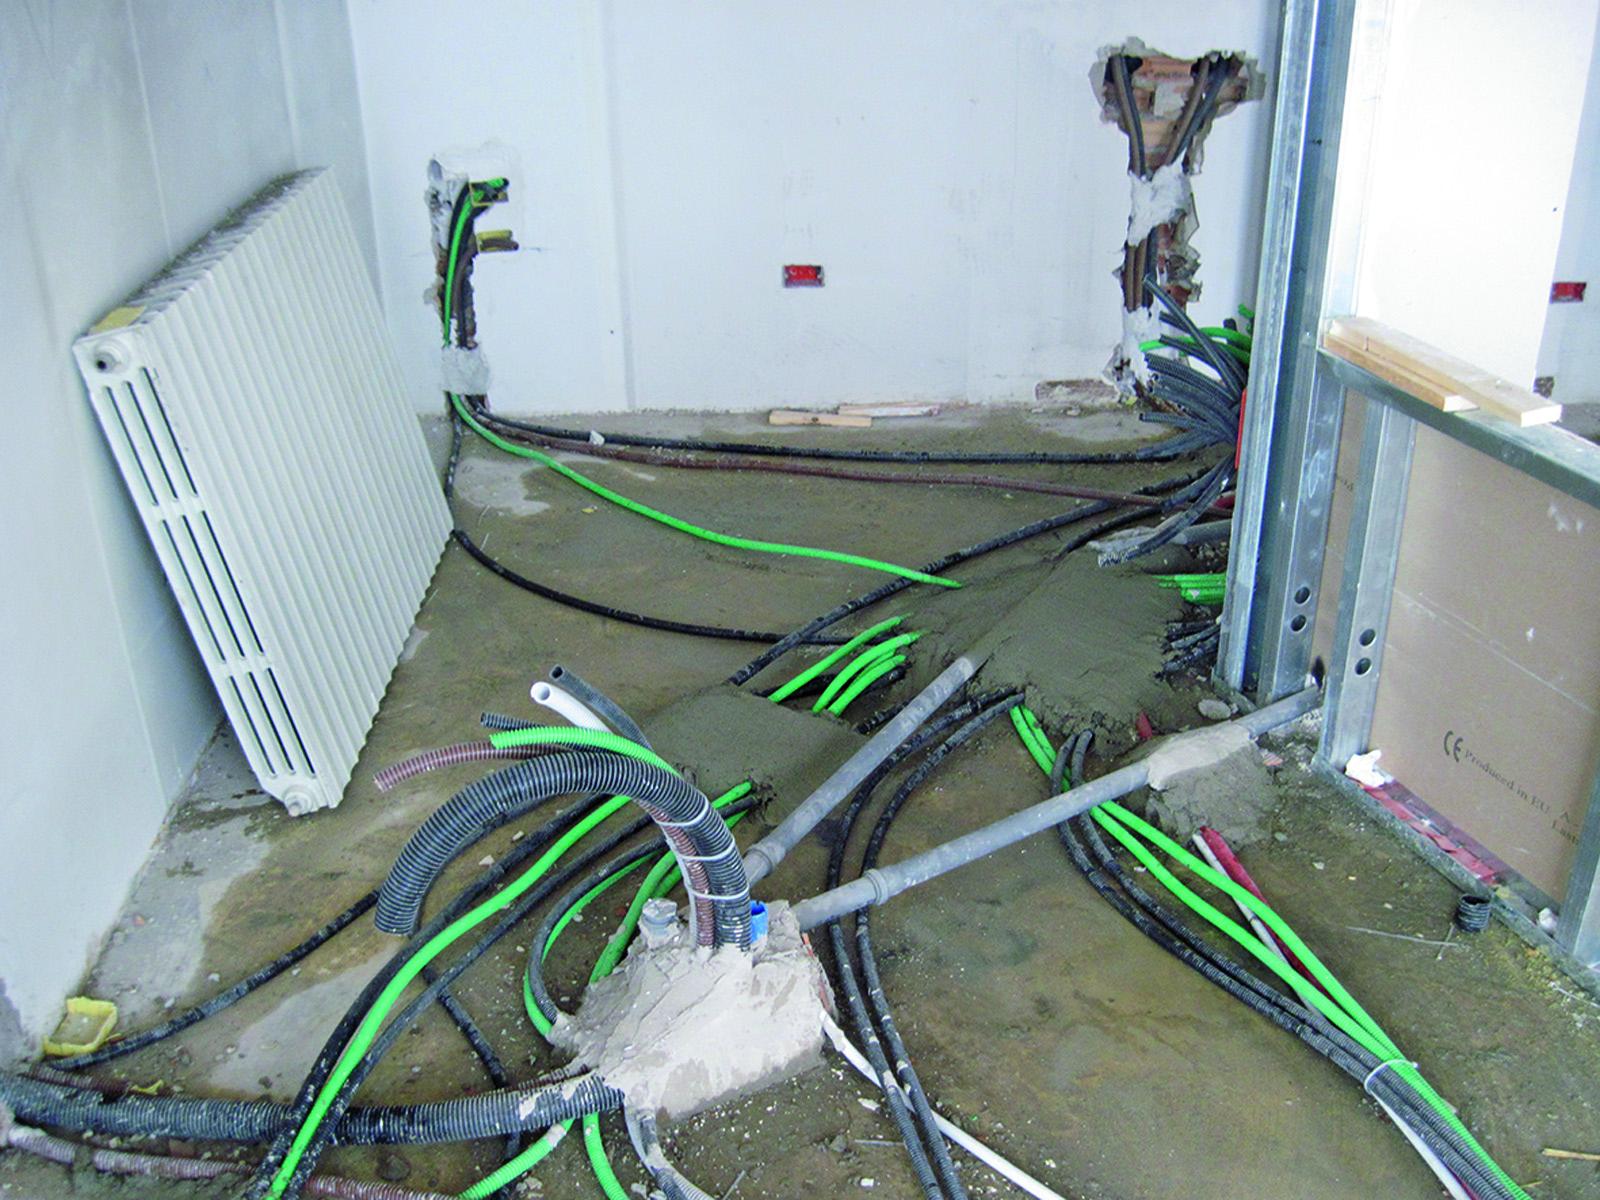 Studio dentistico l impianto elettrico all interno di un - Come fare l impianto idraulico del bagno ...